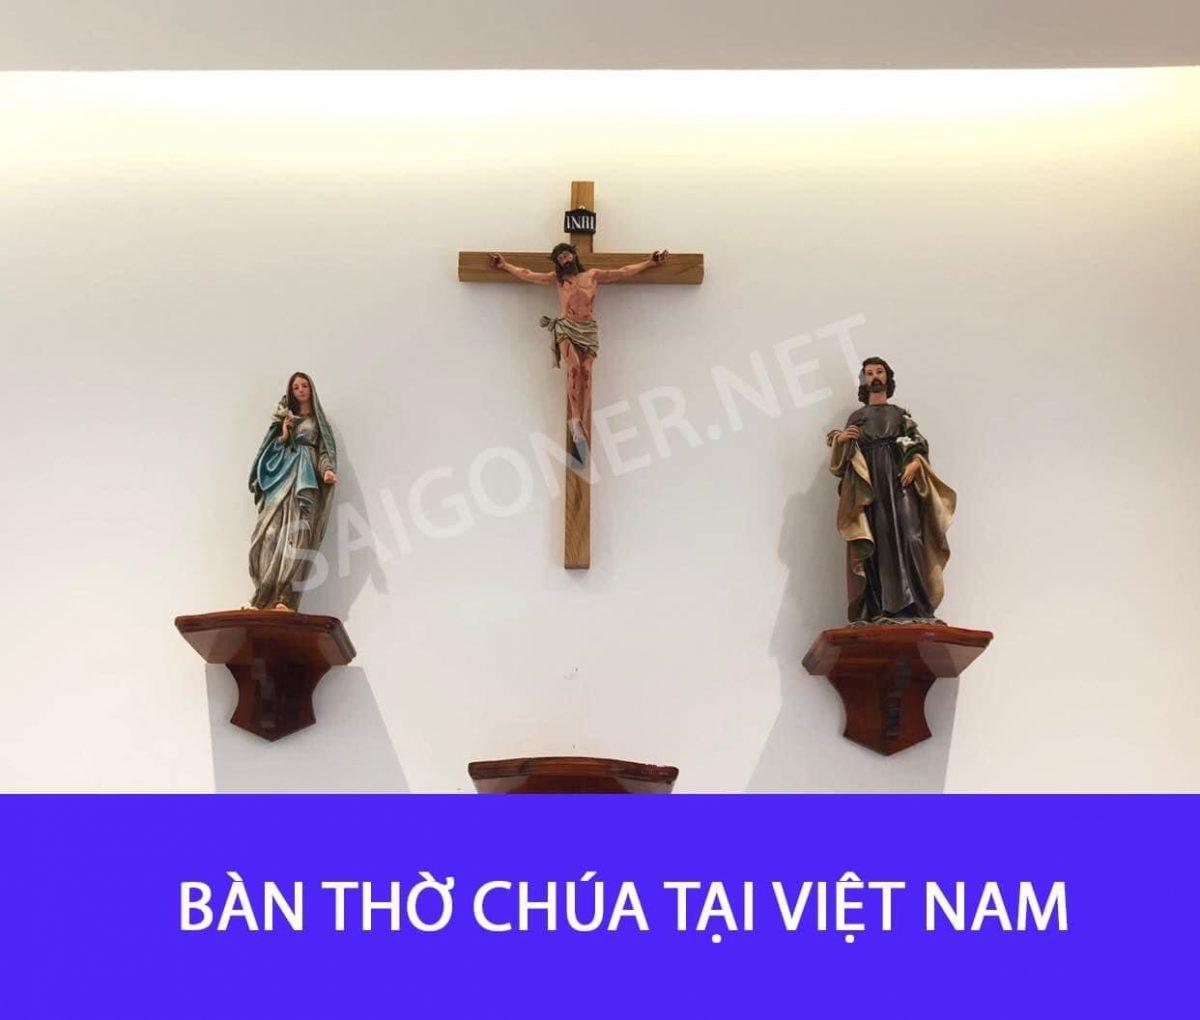 Bàn thờ Chúa tại Việt Nam